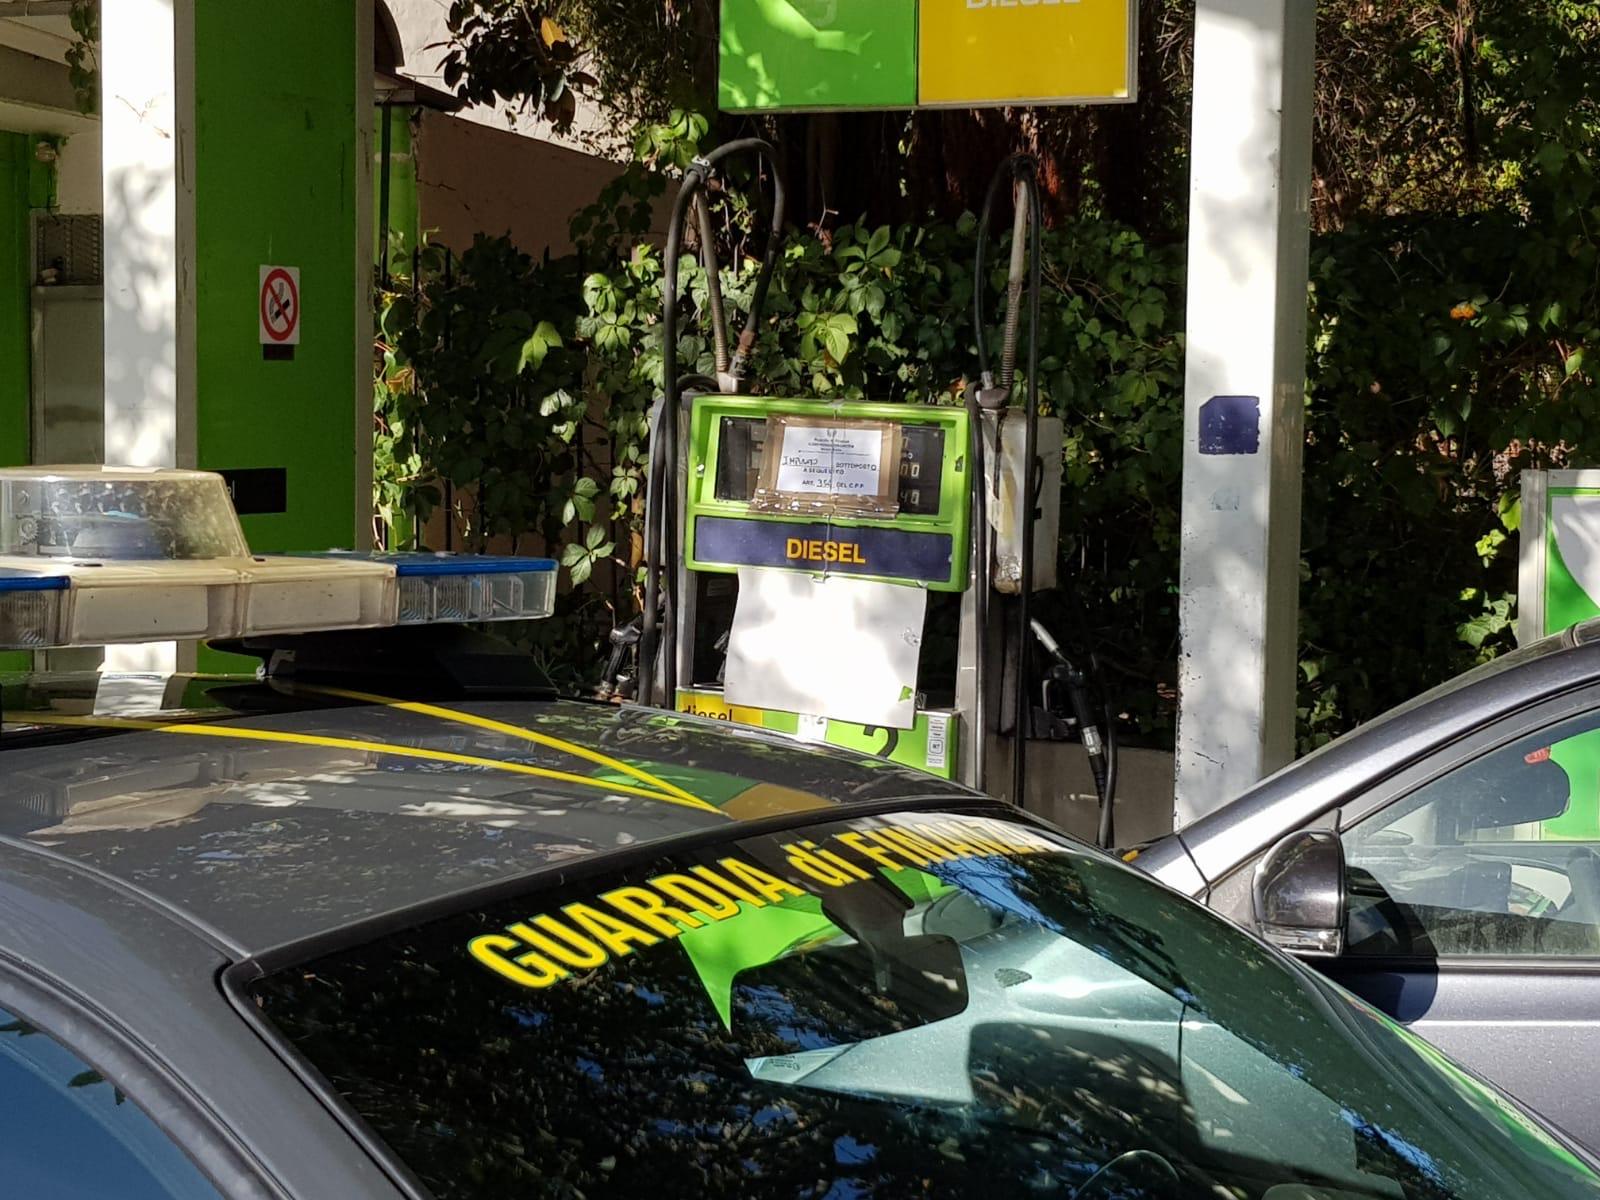 Contrabbando di gasolio, finanzieri sequestrano distributore